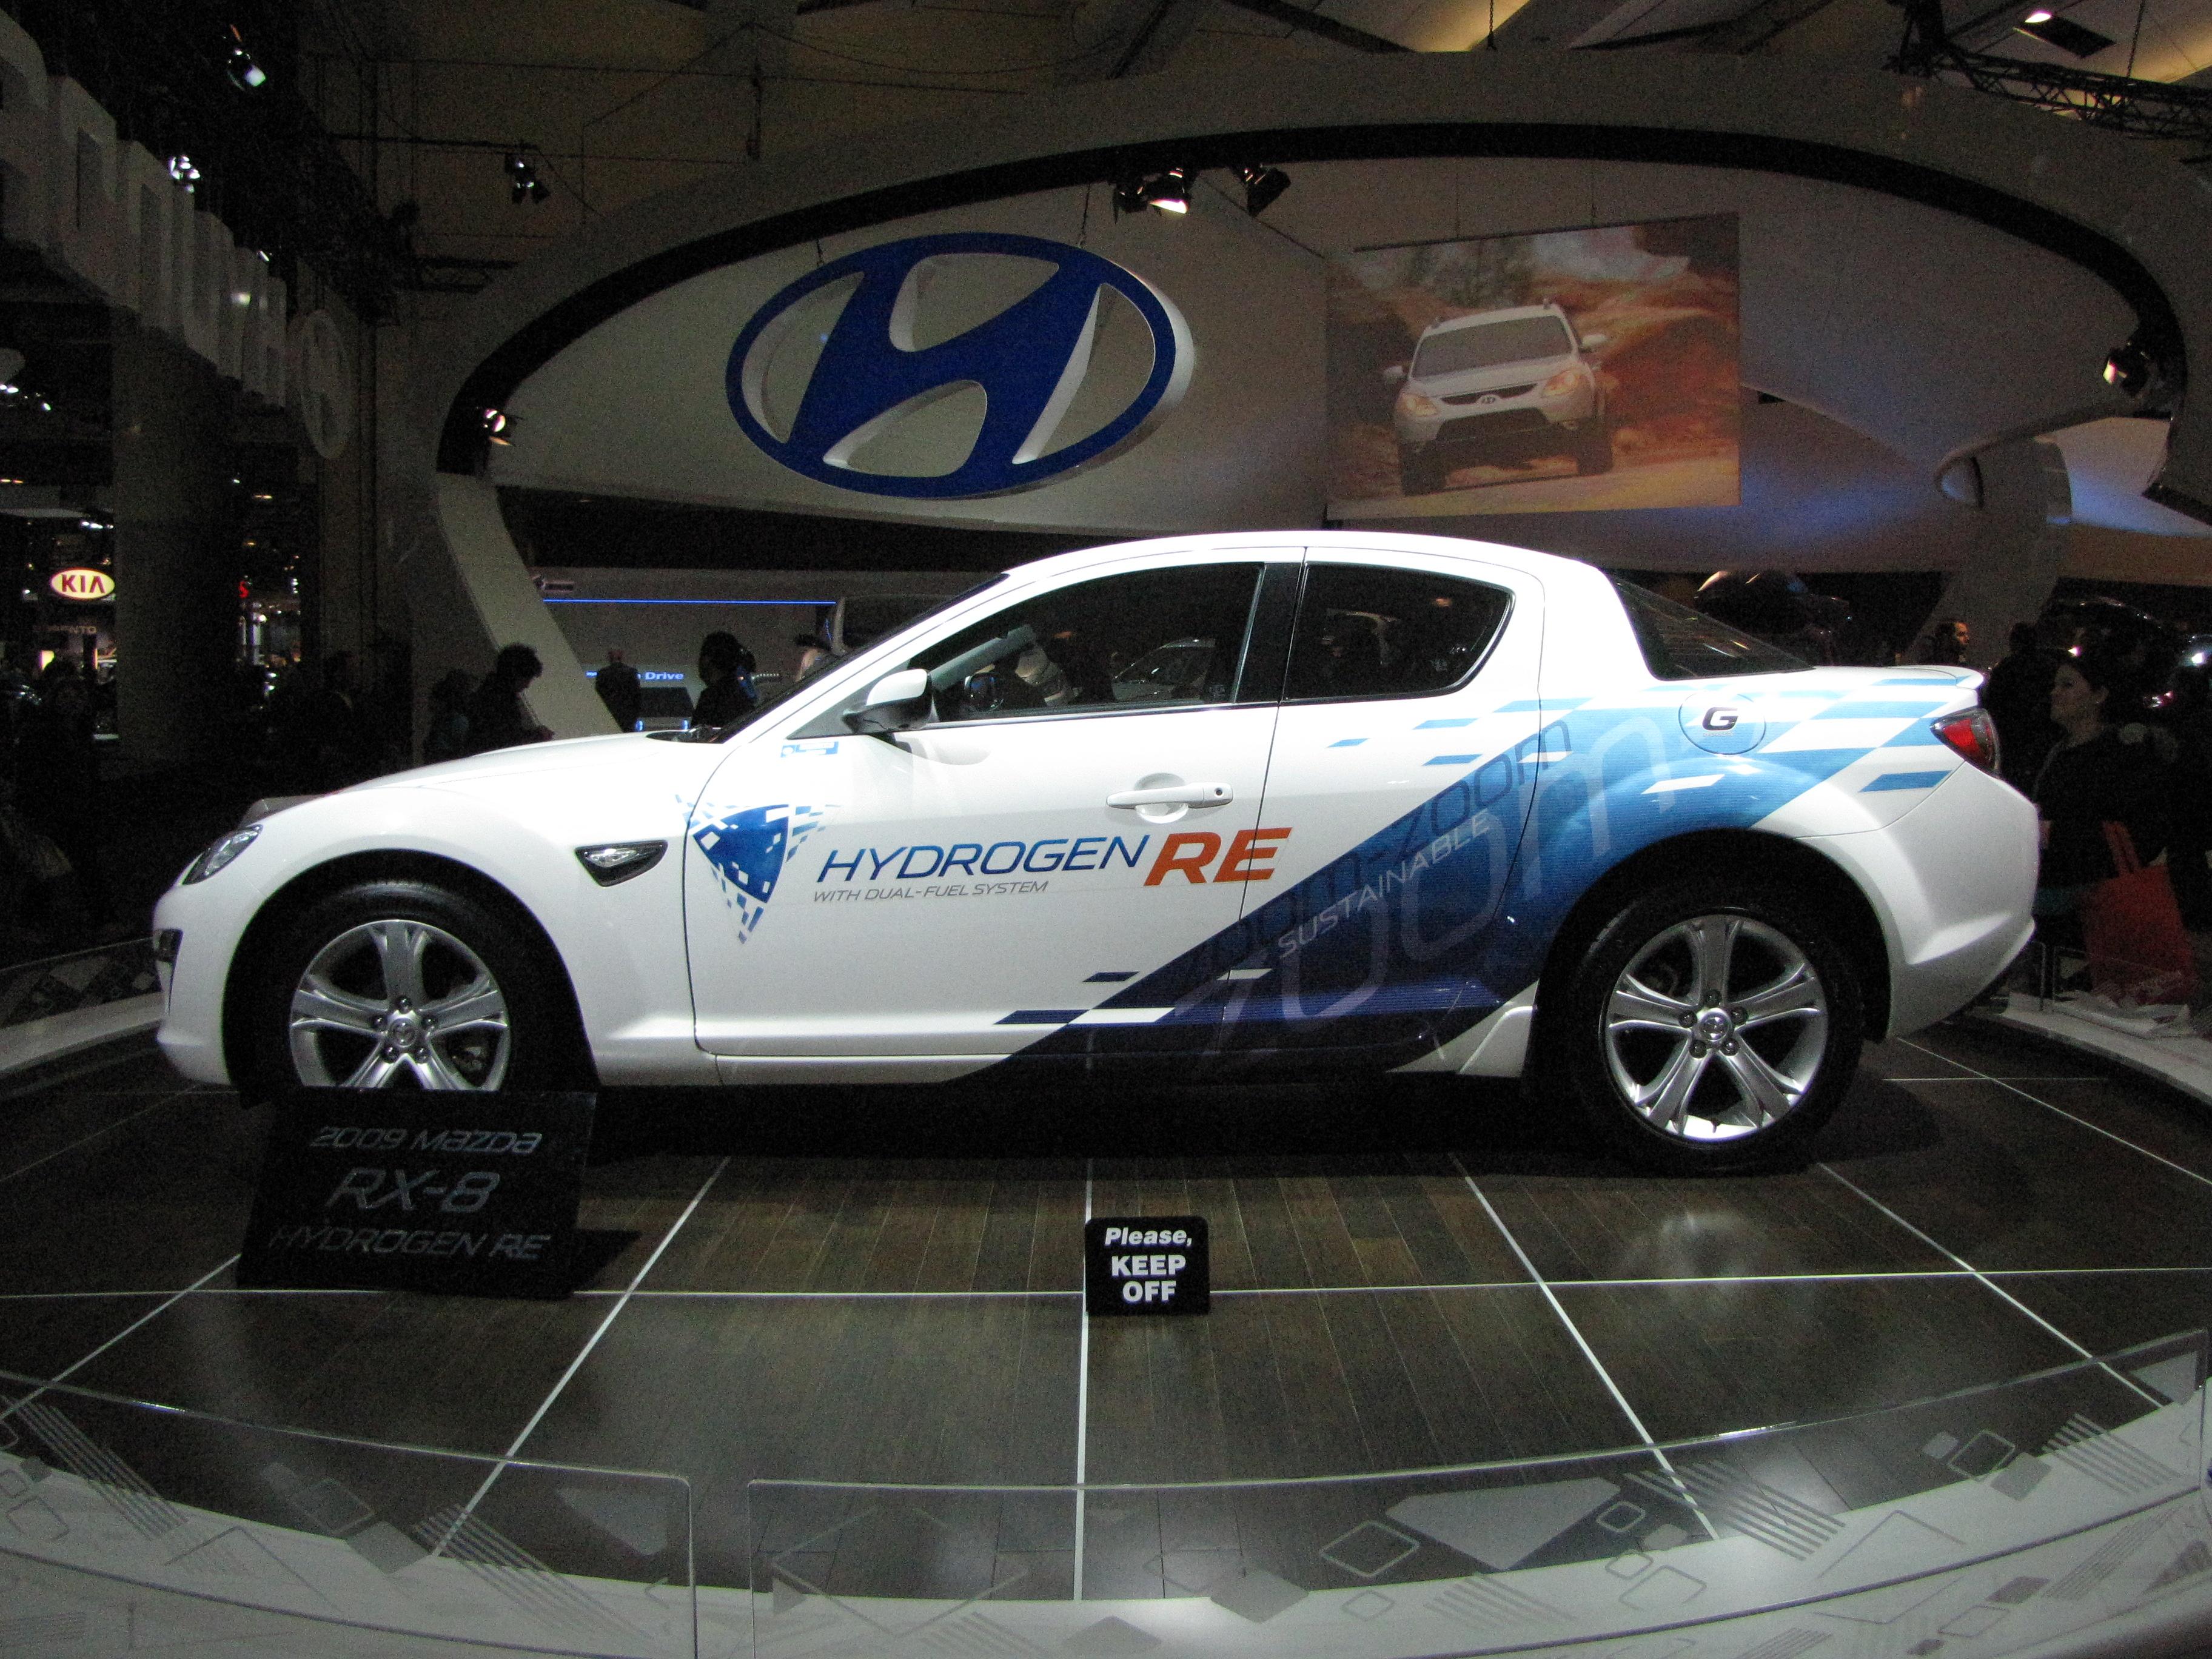 File:Mazda 2010 RX-8 Hydrogen RE Left Side.jpg - Wikimedia Commons